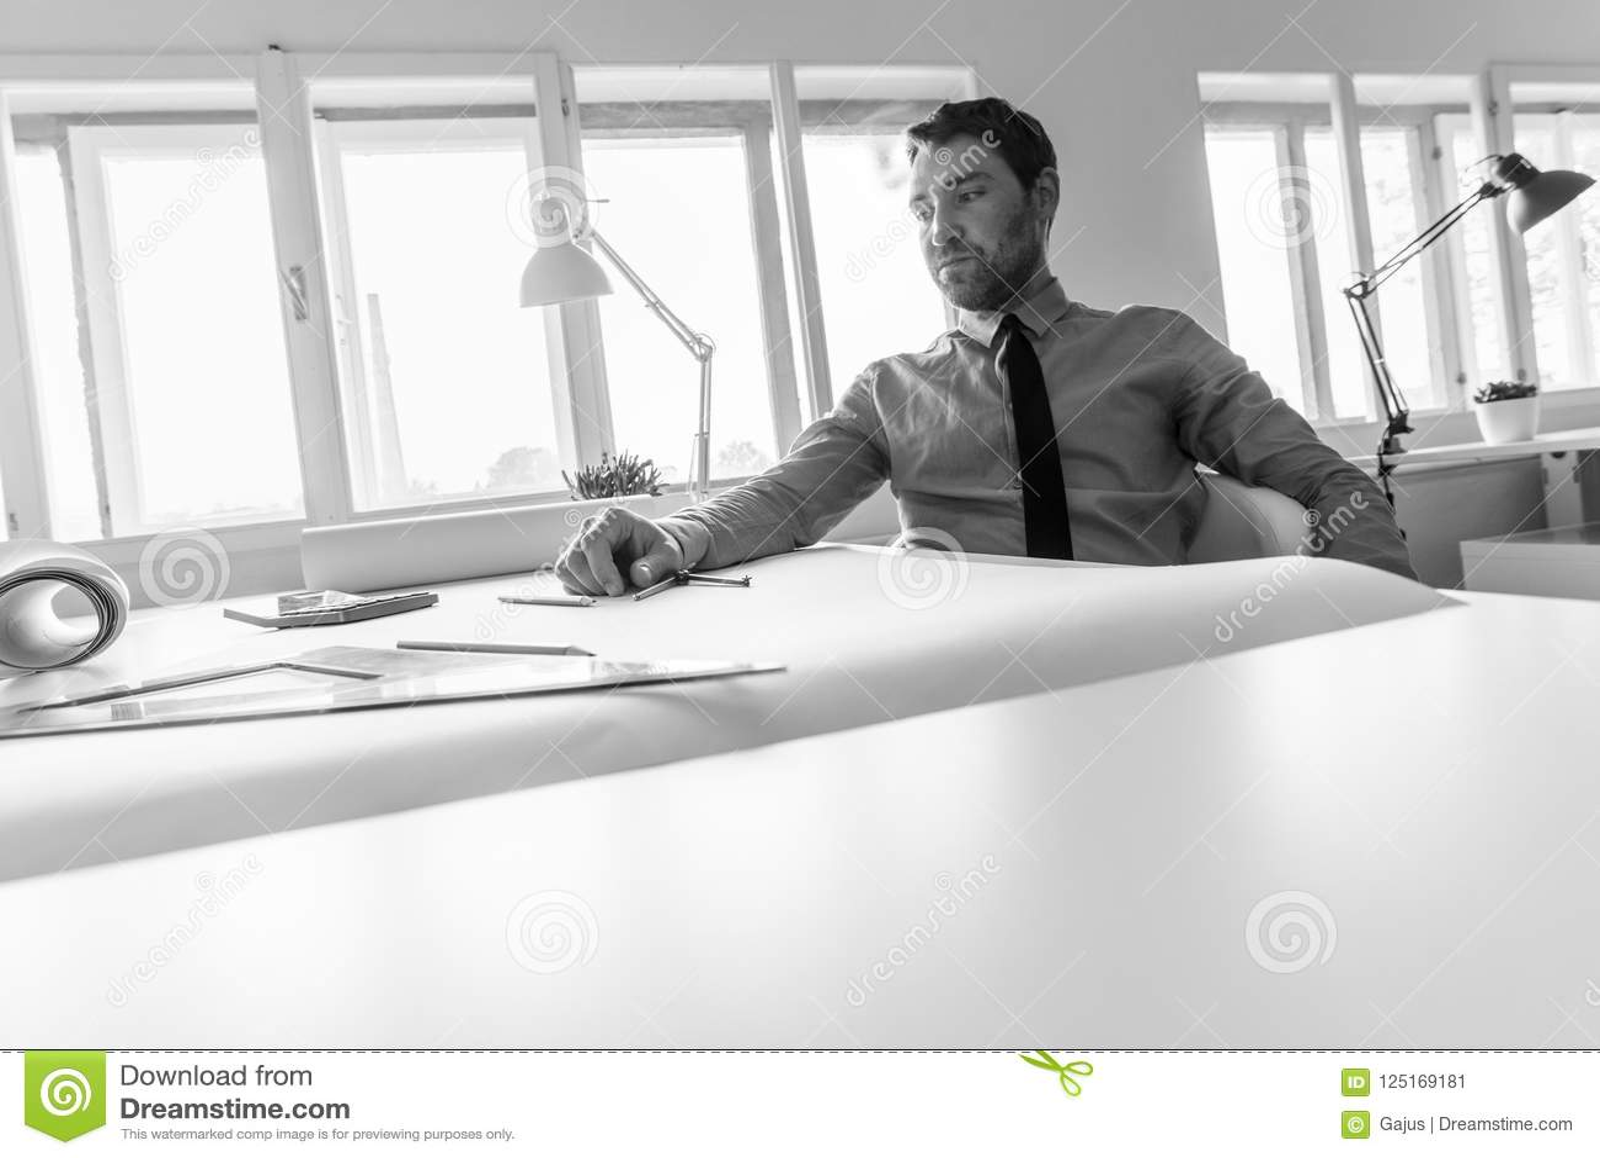 Disegno Uomo Alla Scrivania : Disegno uomo alla scrivania ritratto di un uomo alla scrivania